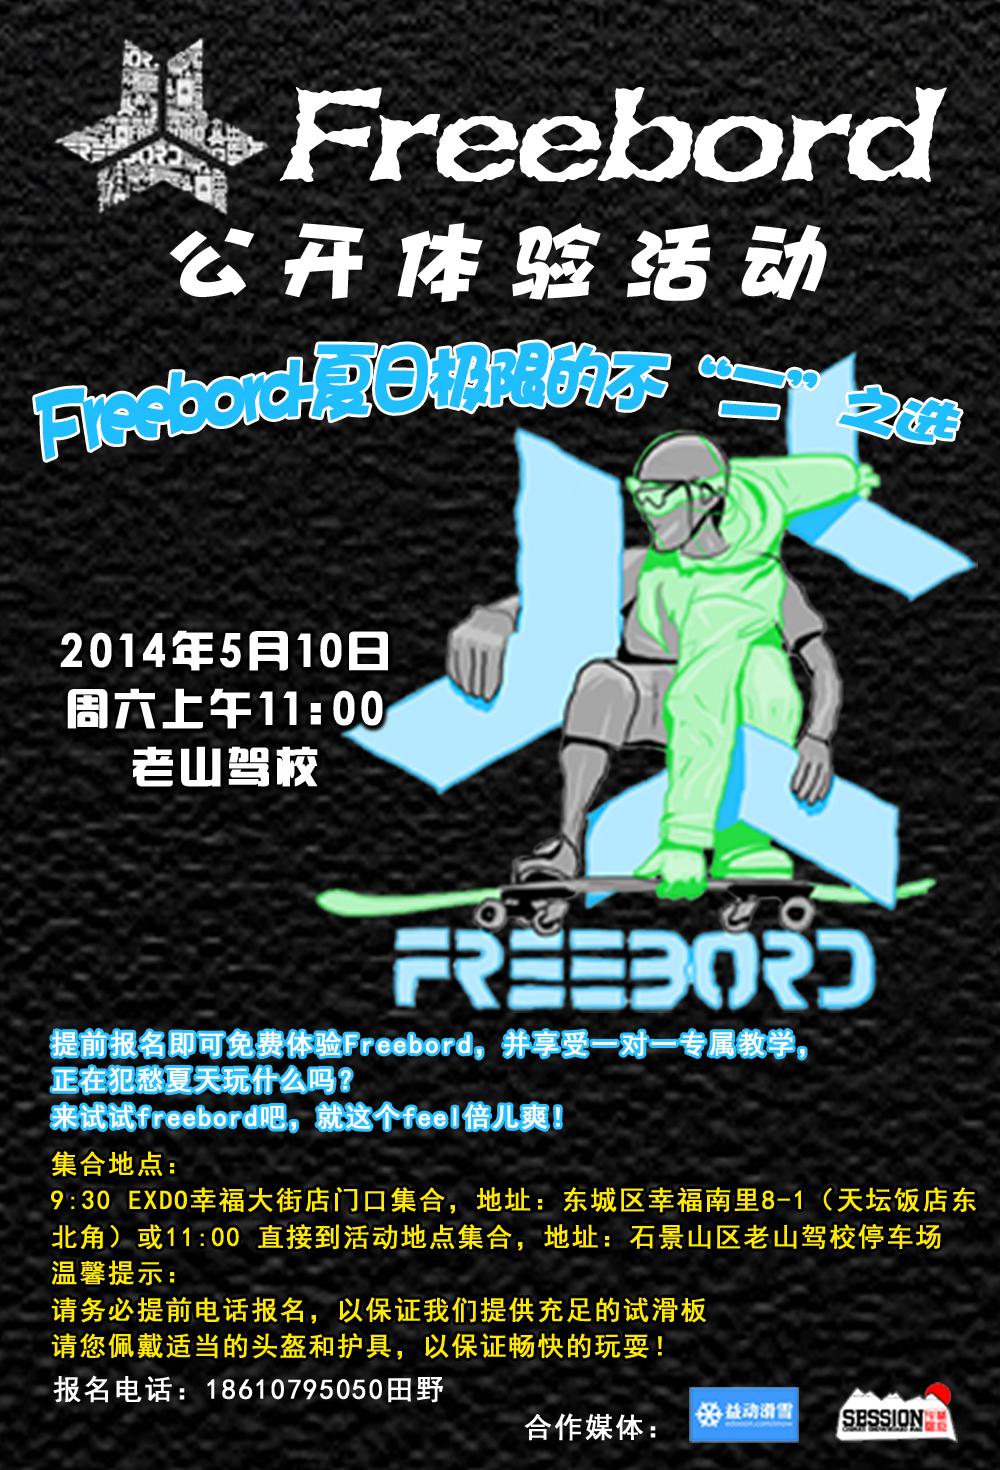 freeboard-1